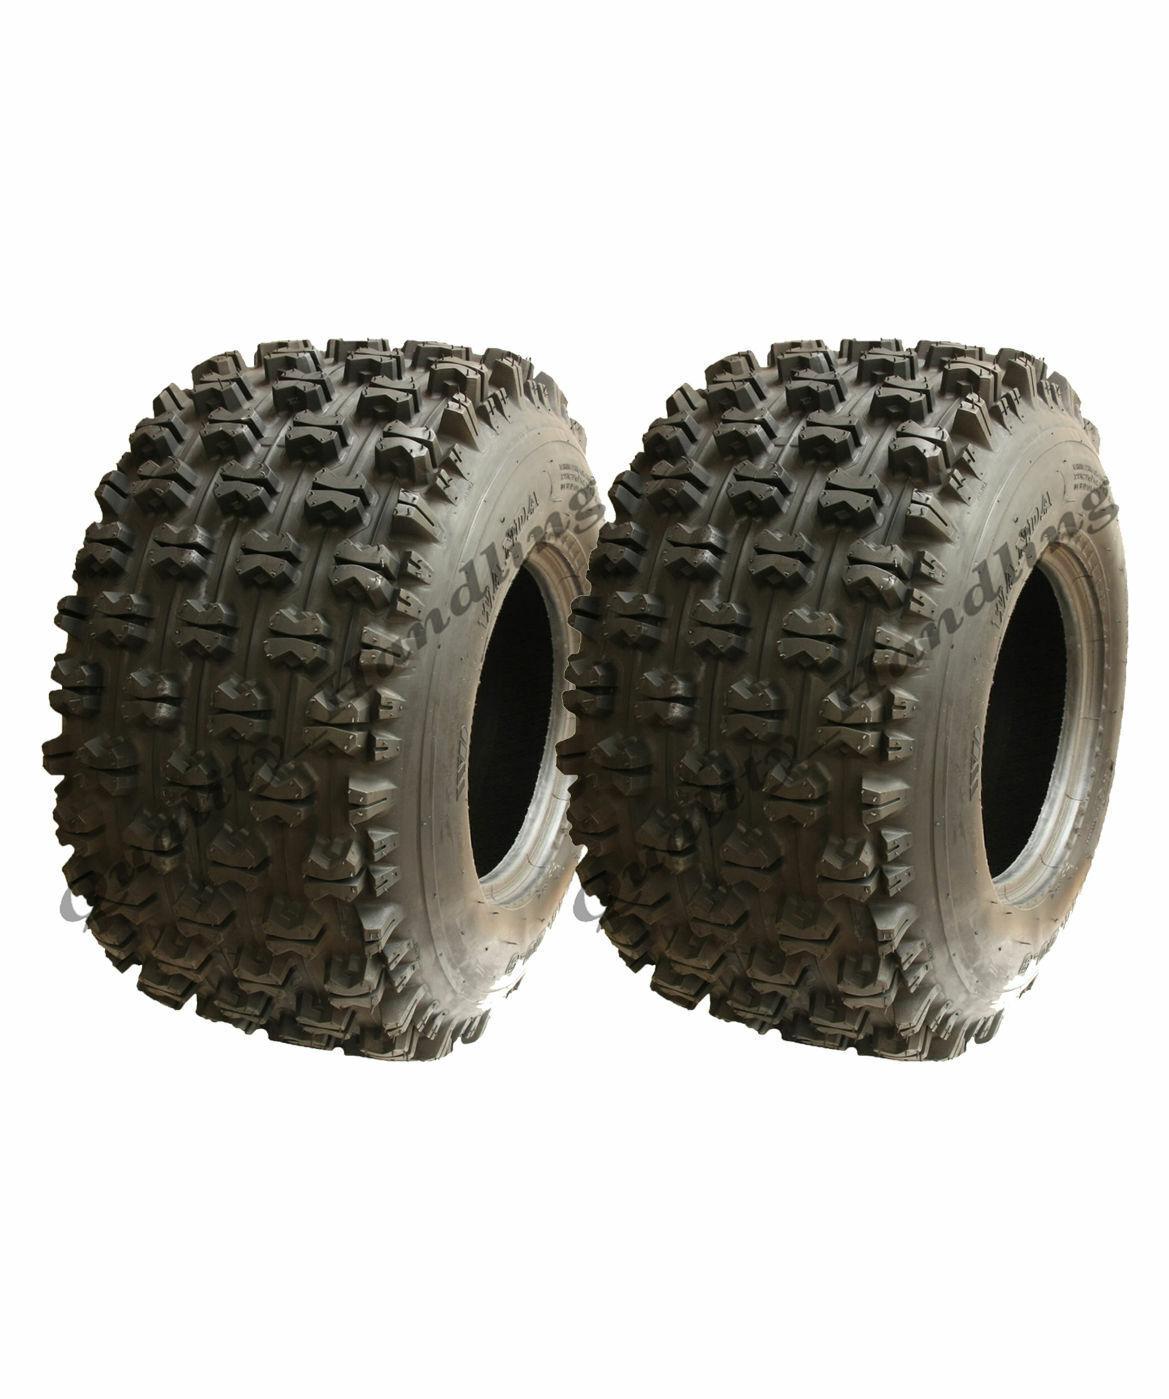 2 Stück Quetschdruck Quad Reifen 22x11-9 Wanda Rennen Reifen E-Zeichen Reifen